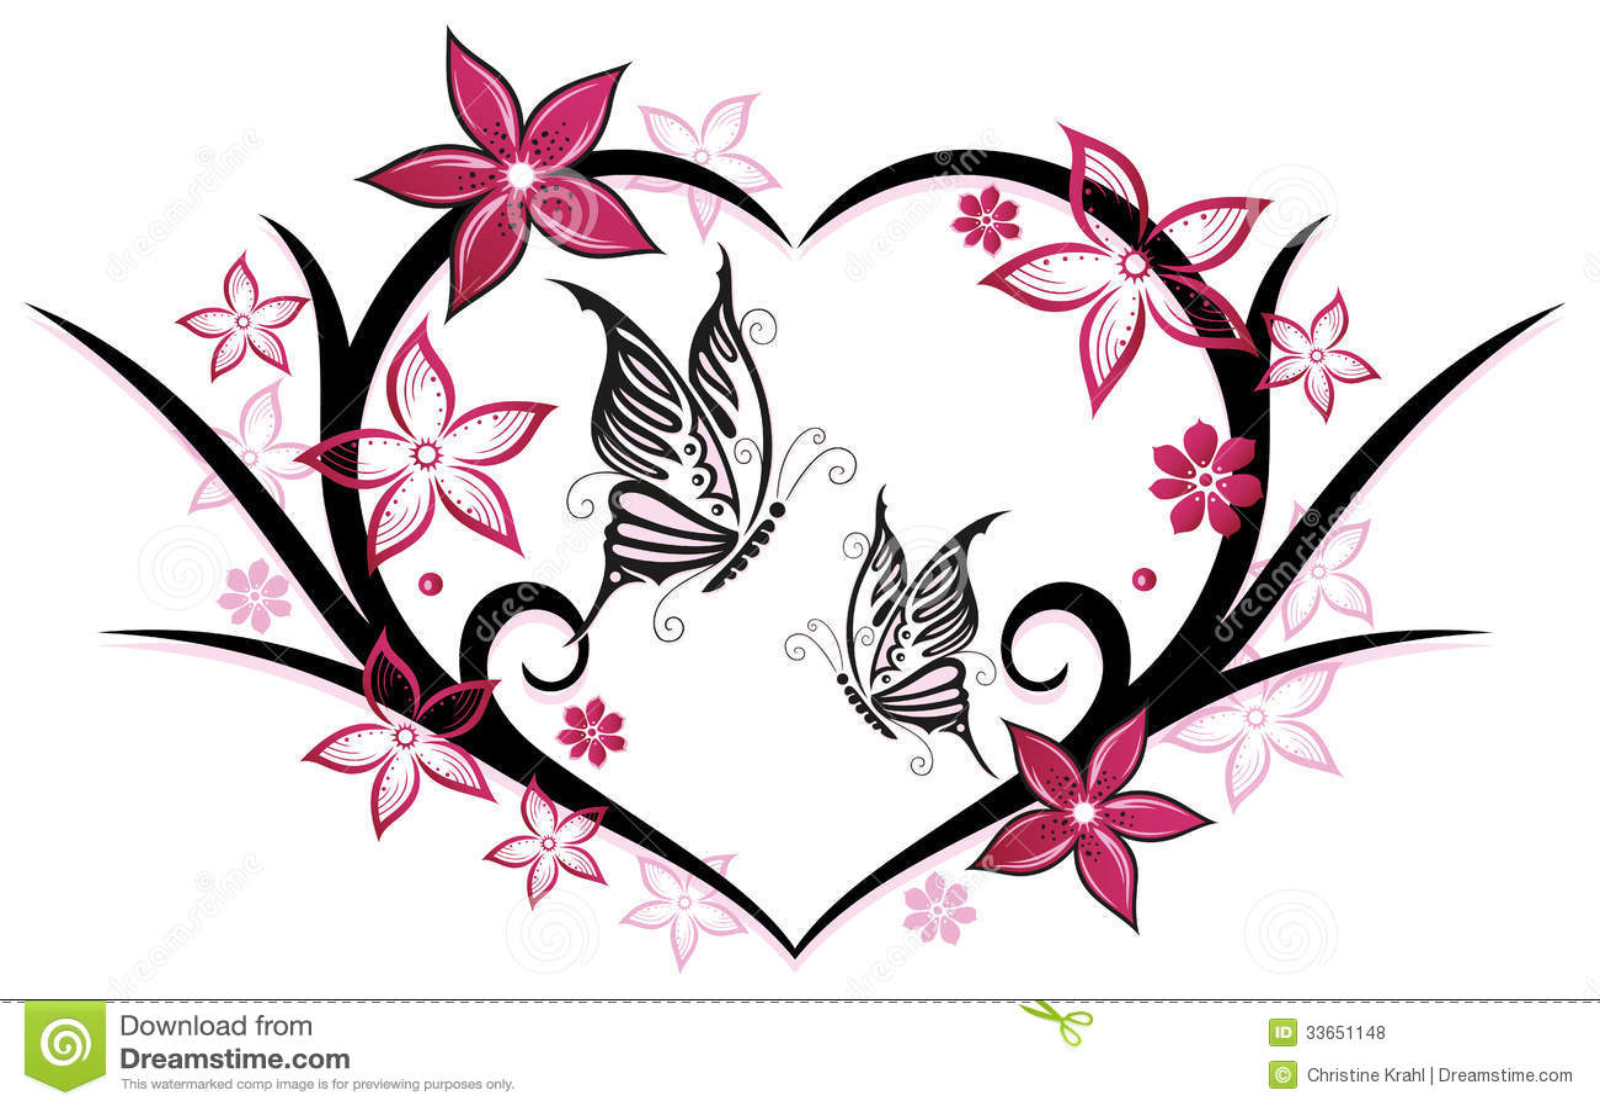 hart vlinders bloemen royalty vrije stock foto 39 s. Black Bedroom Furniture Sets. Home Design Ideas